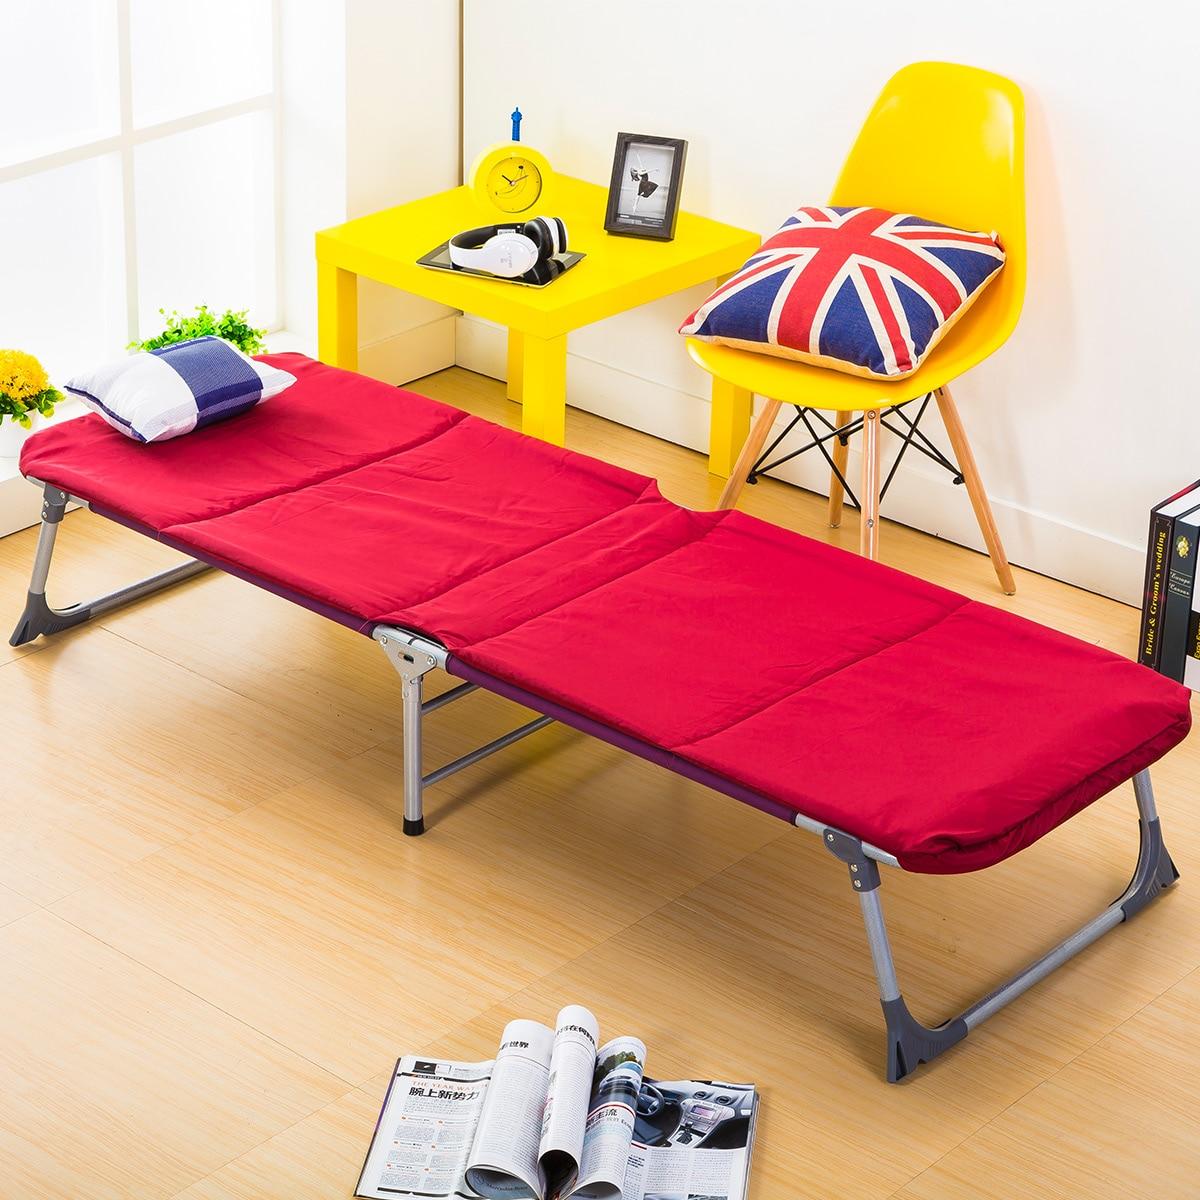 Mobilya'ten Yataklar'de Yeni Geldi Basit katlanır yatak Öğle Yemeği Molası Eğlence Ev Ofis Yalan Tek Kişilik Yatak Açık Plaj Balkon Güneş Sandalyeler title=